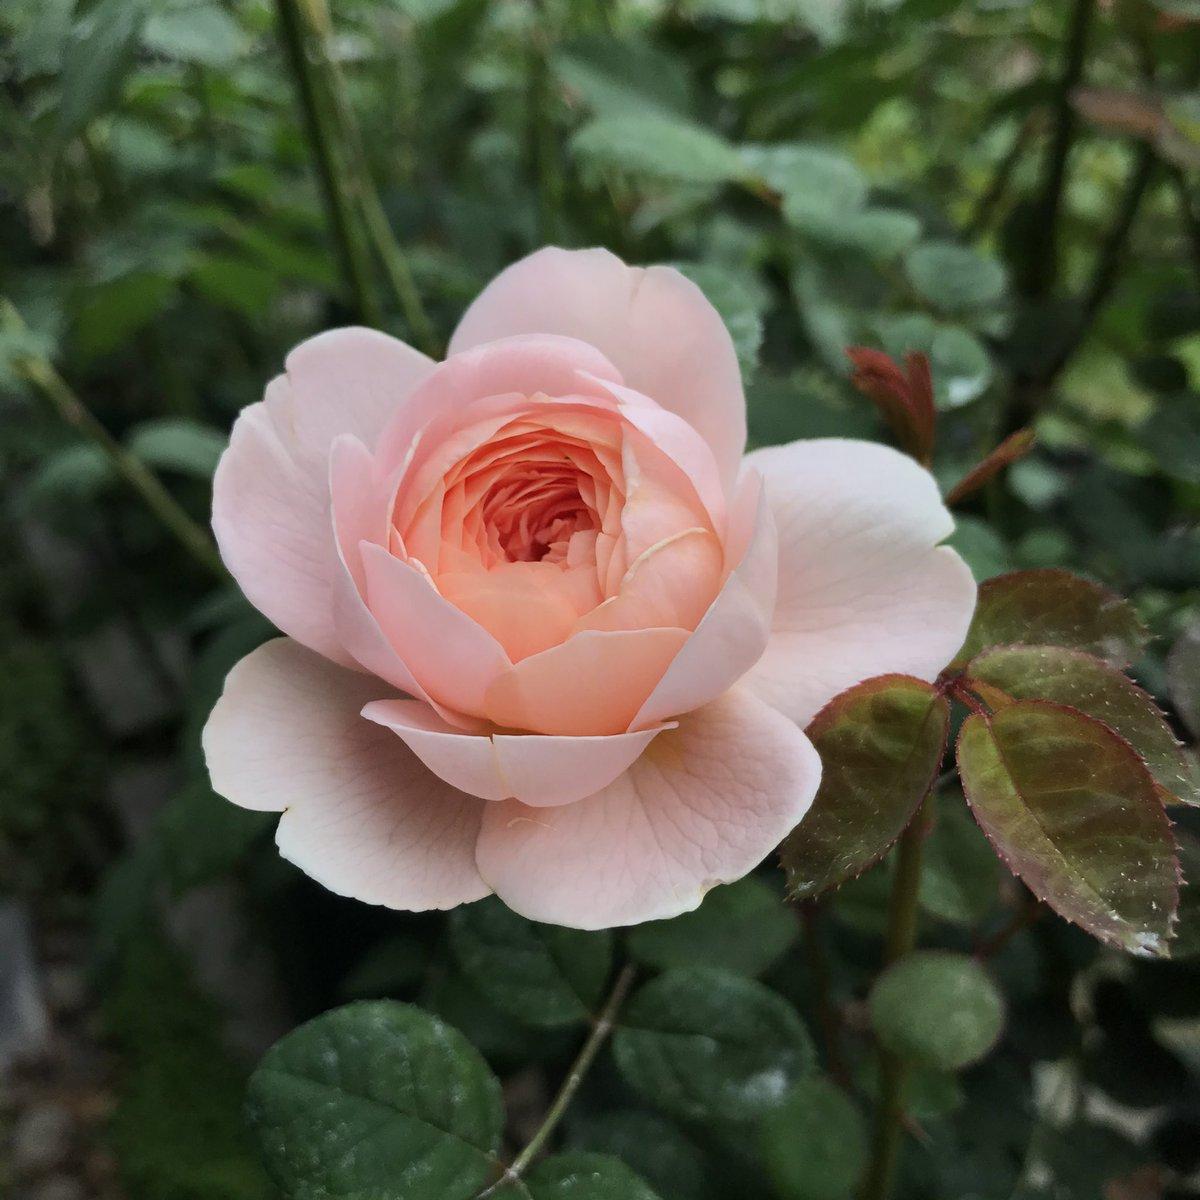 ポツんと一輪のみ咲くクイーン・オブ・スウェーデンの二番花♪  #バラ #イングリッシュローズ #クイーンオブスウェーデン https://t.co/alCv8EtApj